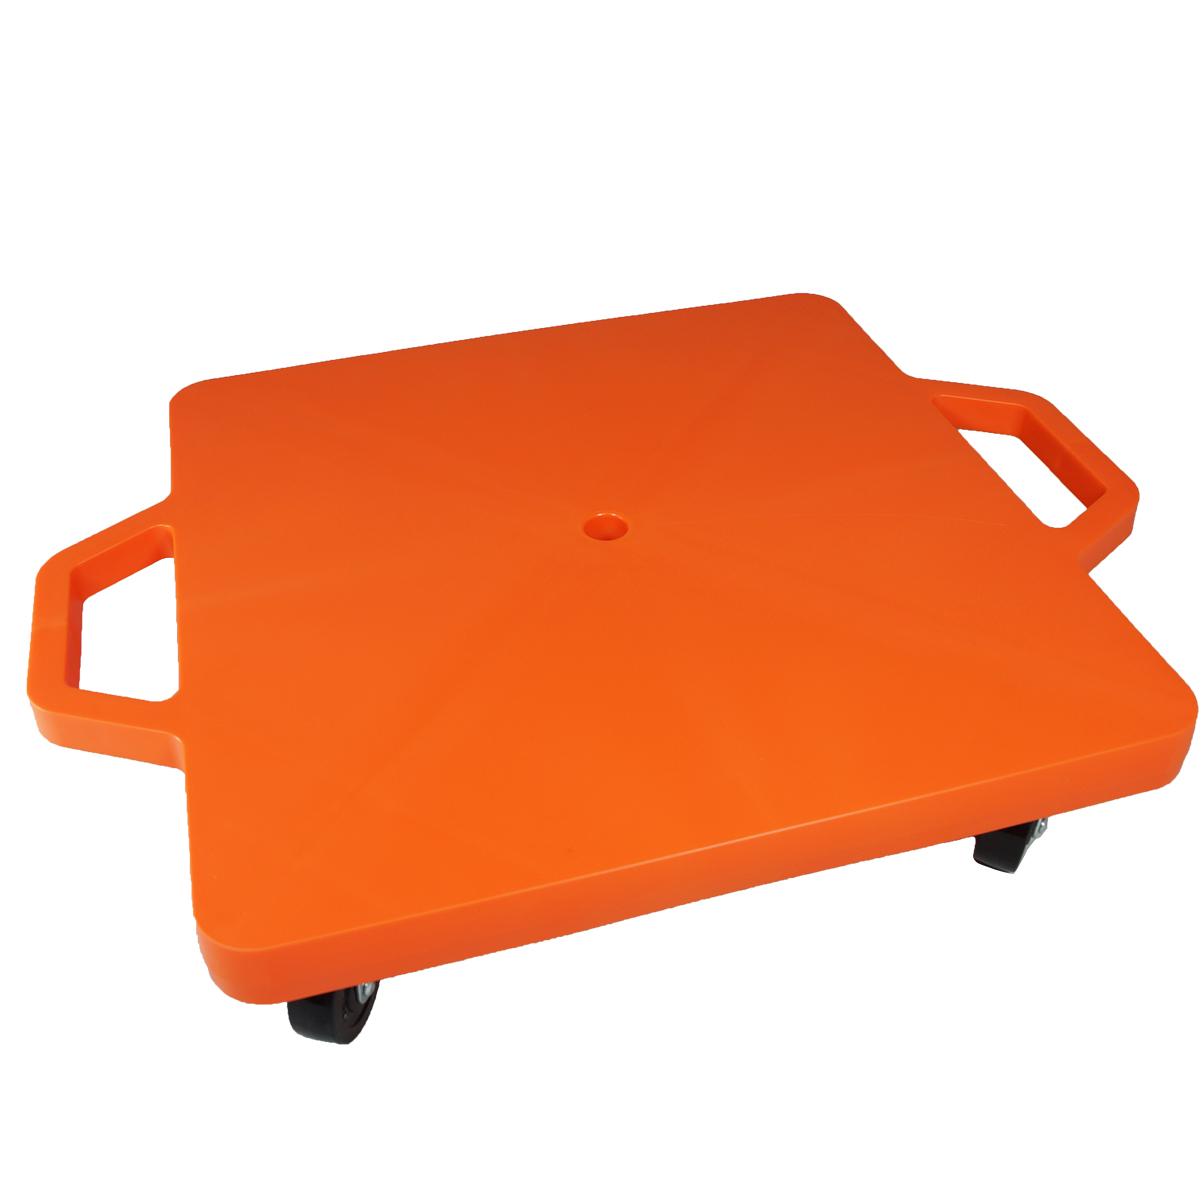 SYS117-O-16吋菱形手把滑板車-橘 (室內用輪)